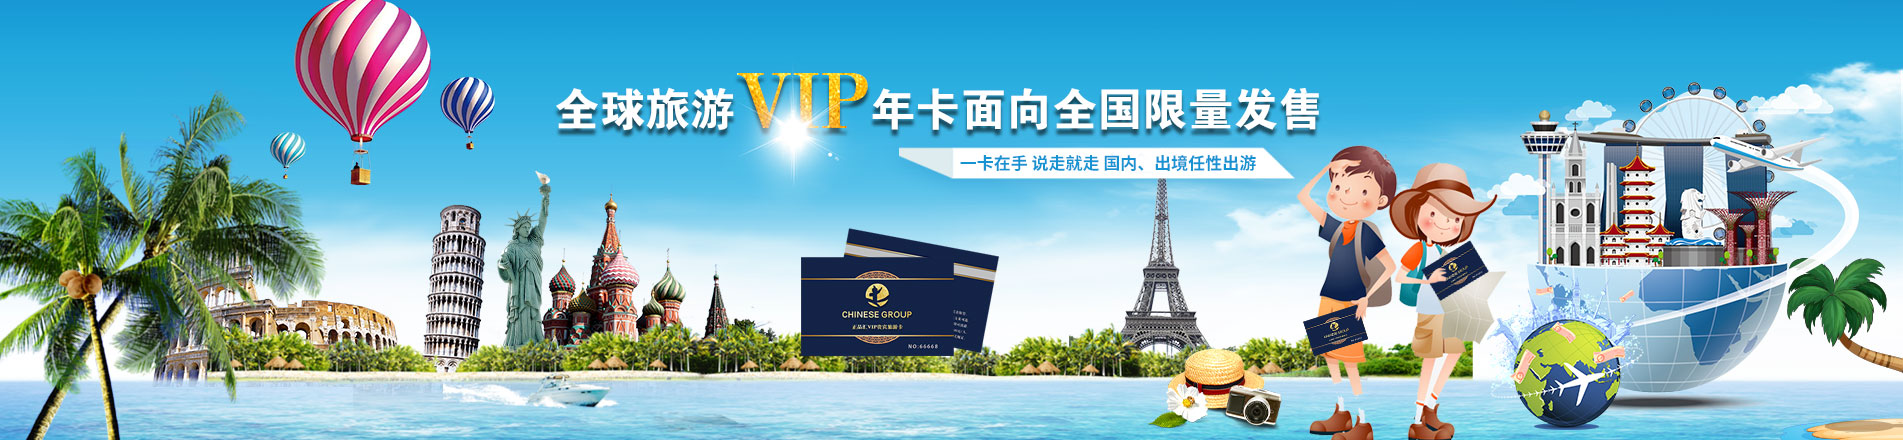 全球VIP旅游年卡限量发售